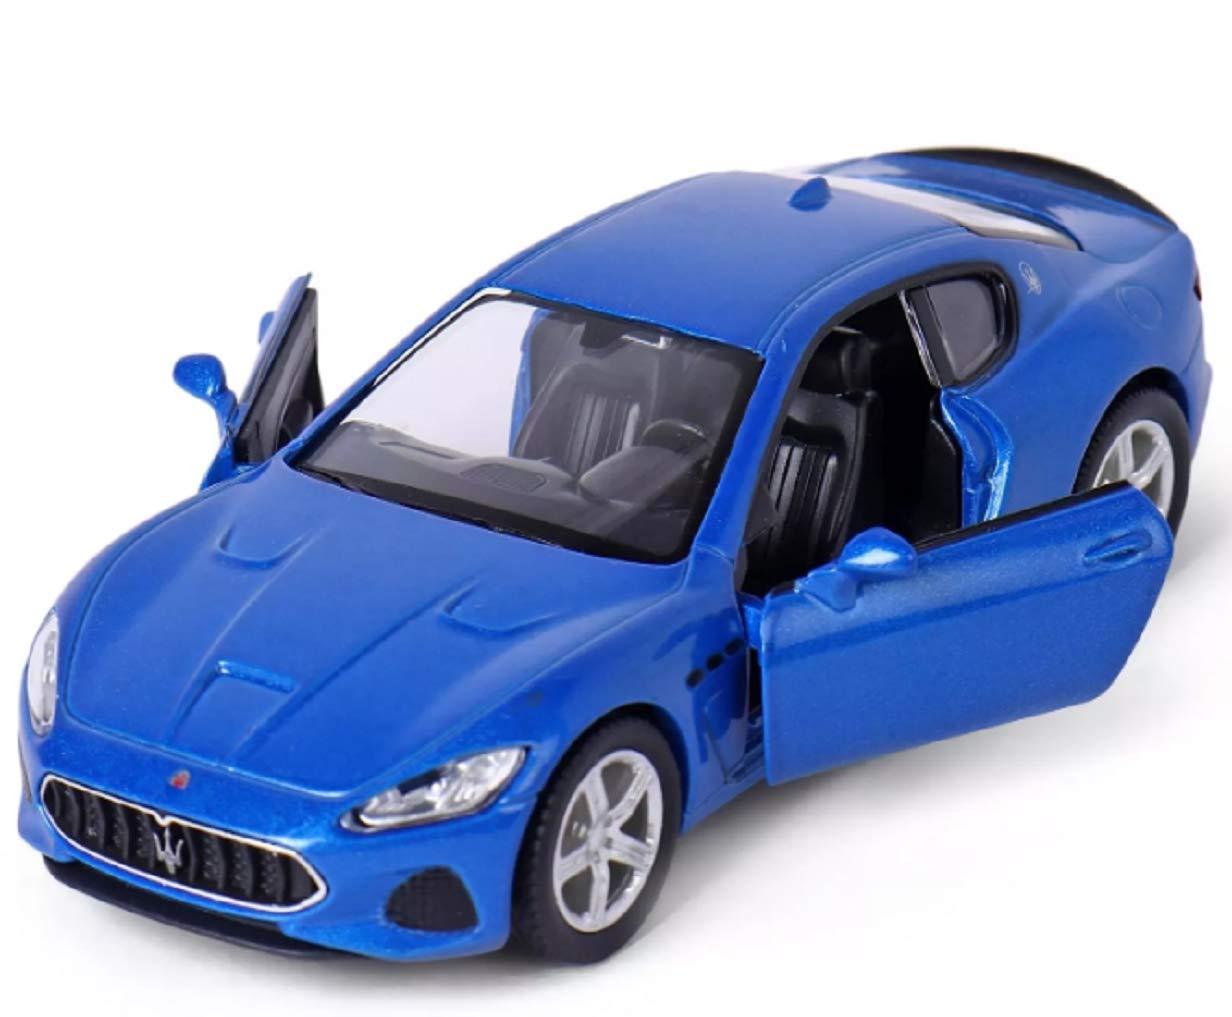 Bleu RMZ City Maserati Granturismo MC Mod/èle de Voiture /à l/´/échelle 1:36 /échelle moul/é sous Pression en m/étal de Haute qualit/é ouvrant Les Portes Pullback Go Action